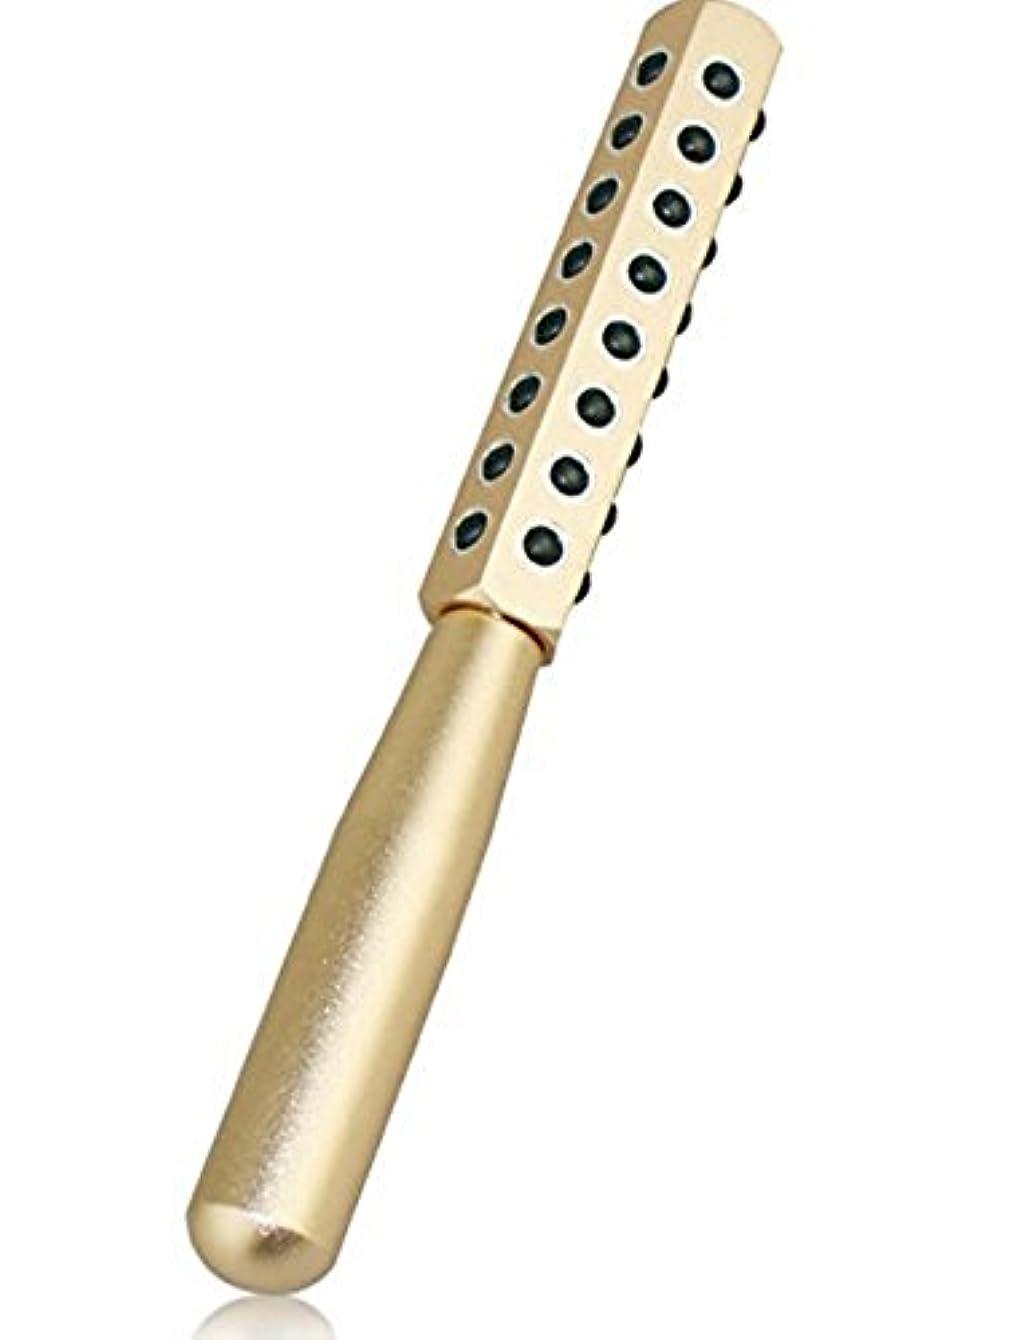 メドレージョットディボンドン連結するCREPUSCOLO ゲルマローラー 美顔器 美肌 ハリ ツヤ ほうれい線 純度99% ゲルマニウム粒子40粒/額 ほほ 目じり あご~首すじ デコルテ 二の腕 手の甲 気になるところをコロコロ ゴールド シルバー (ゴールド)